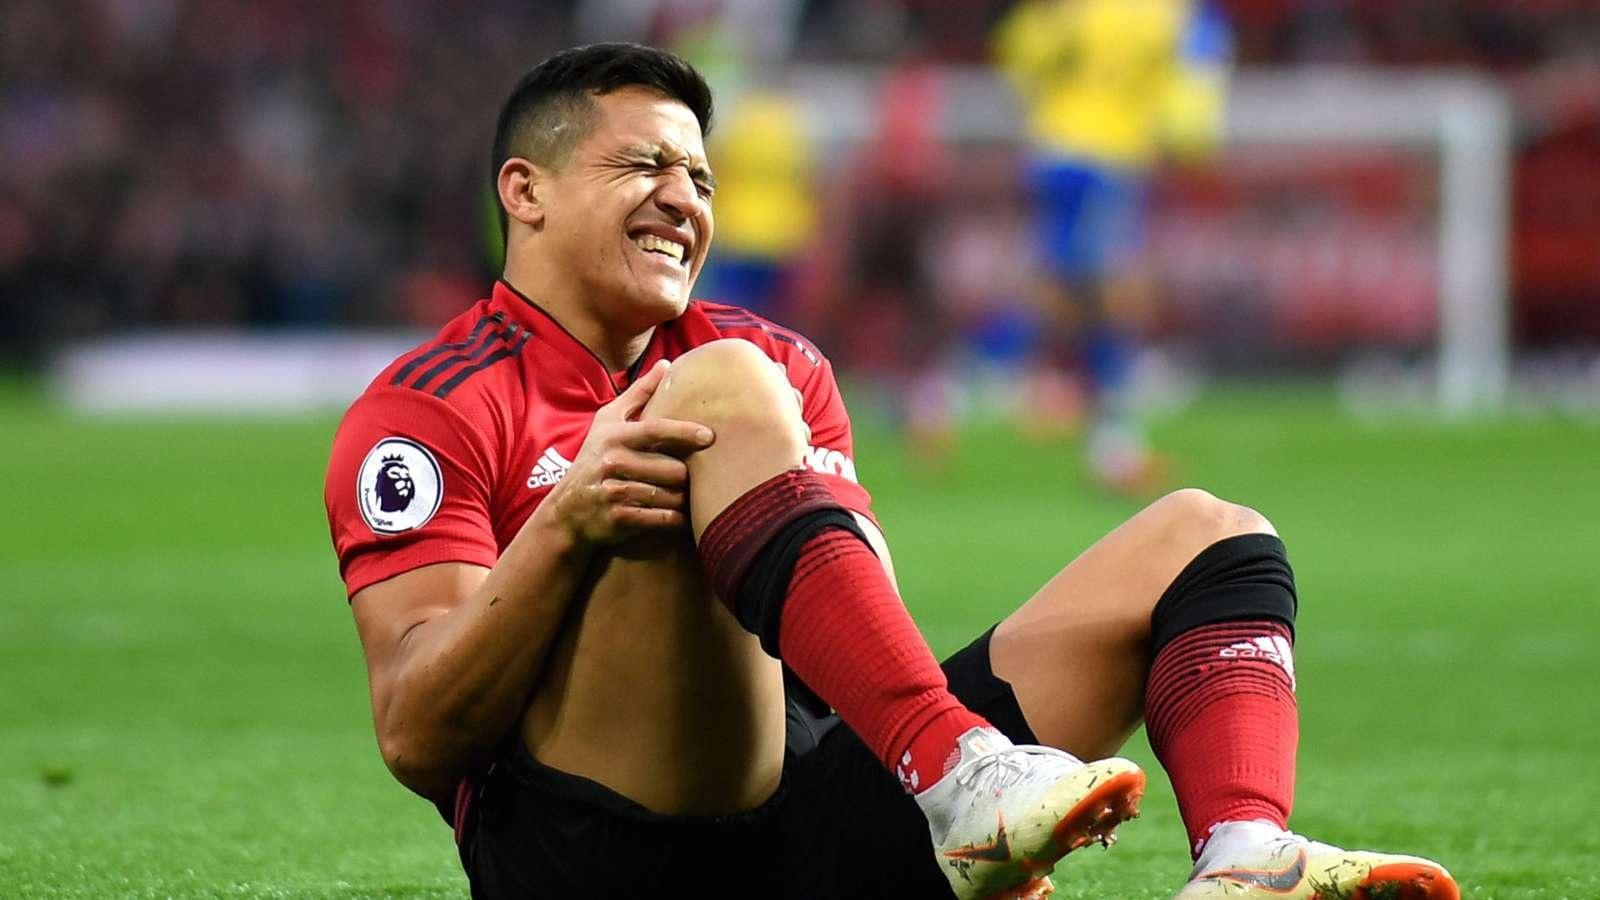 Dính chấn thương nặng, Alexis Sanchez nghỉ thi đấu hết mùa